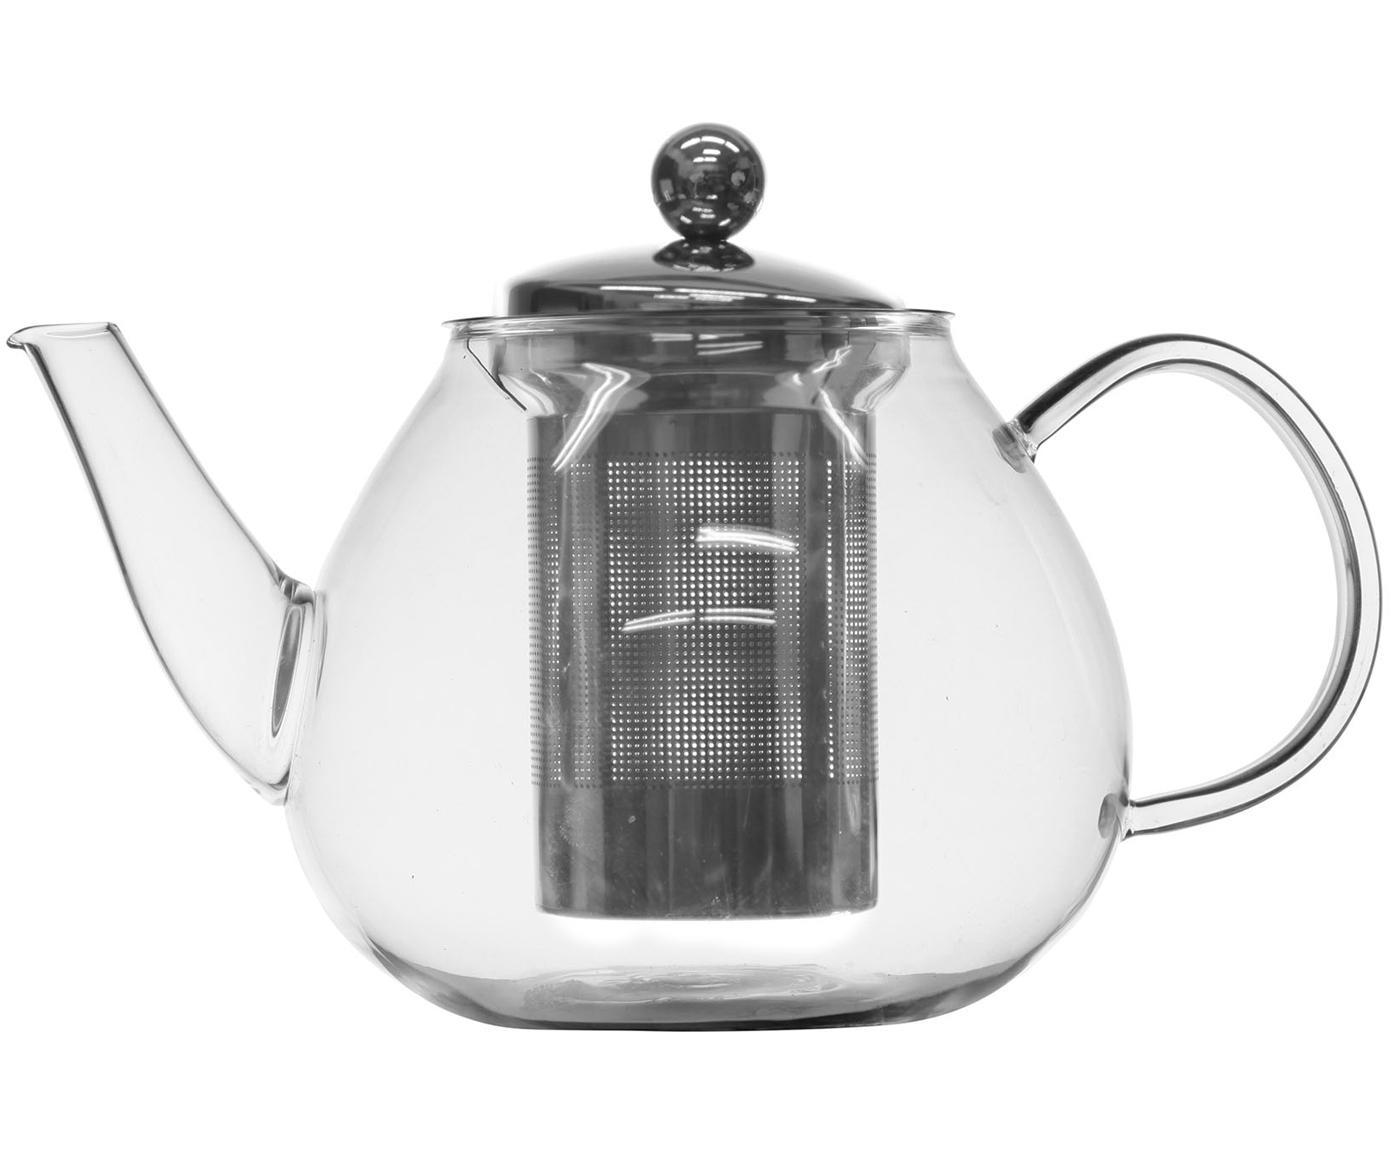 Teekanne Archie mit Teesieb und Deckel, Kanne: Glas, Sieb: Edelstahl, Transparent, Silberfarben, 23 x 14 cm